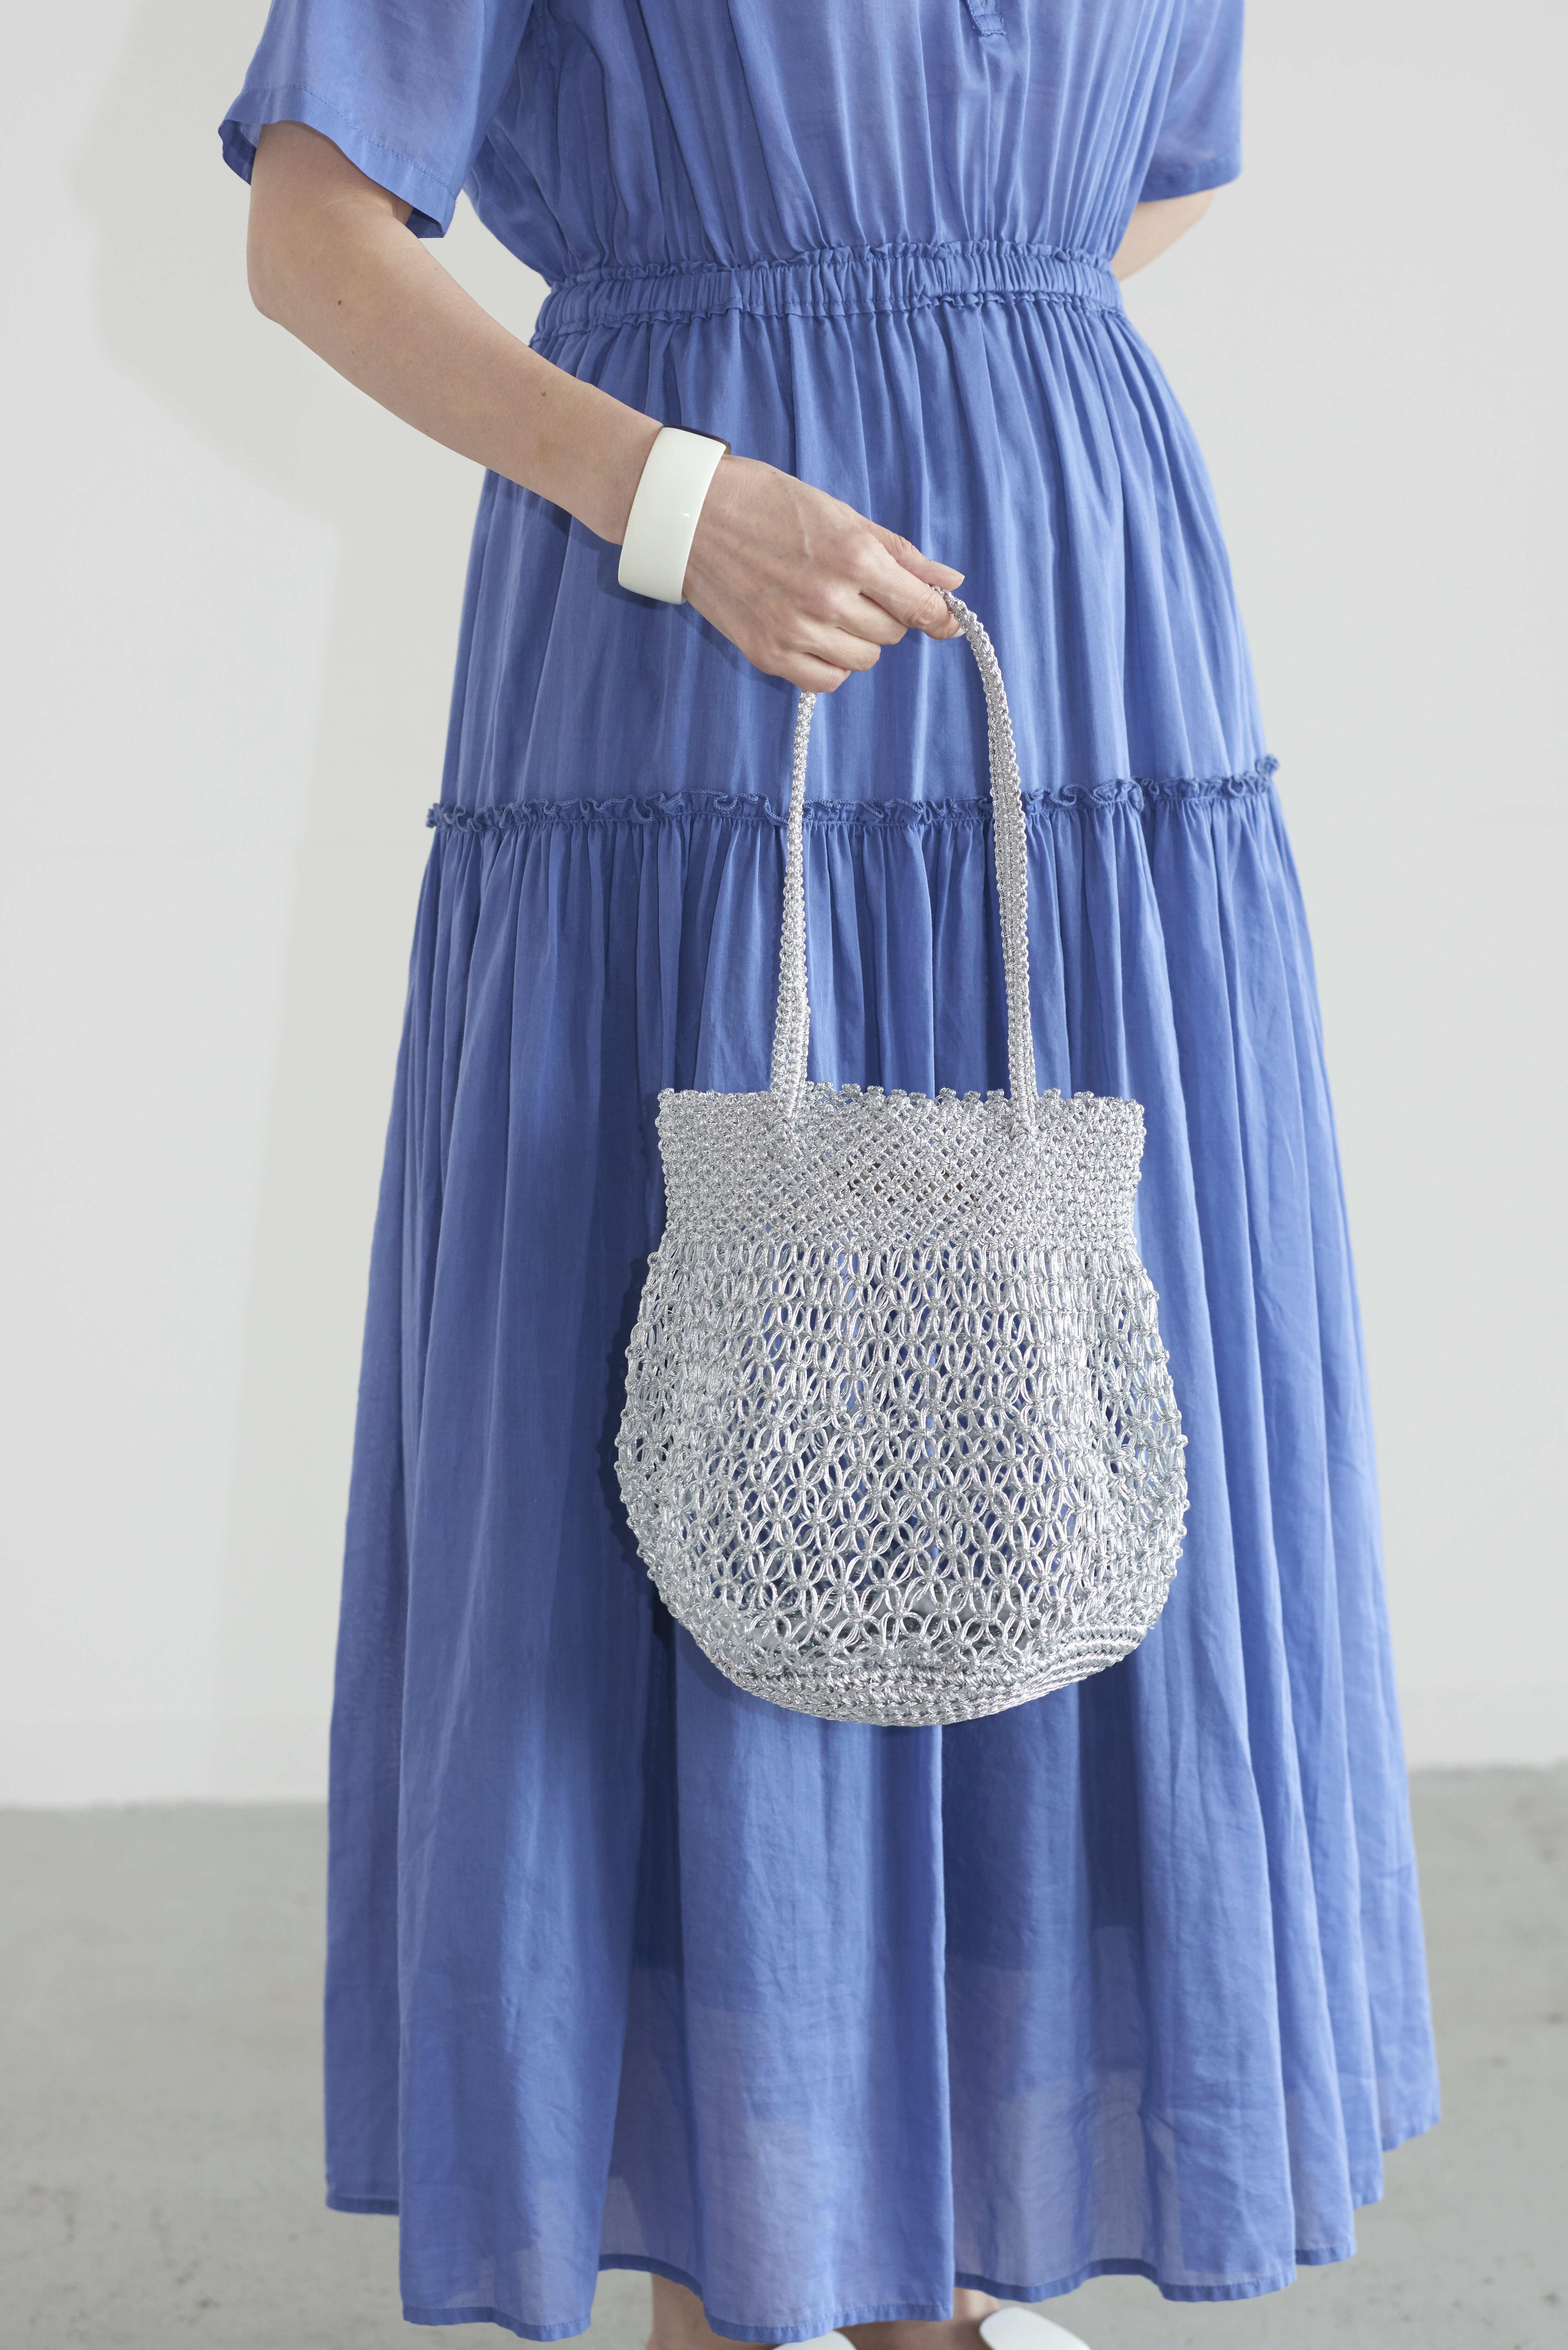 BAGMATI basket bag